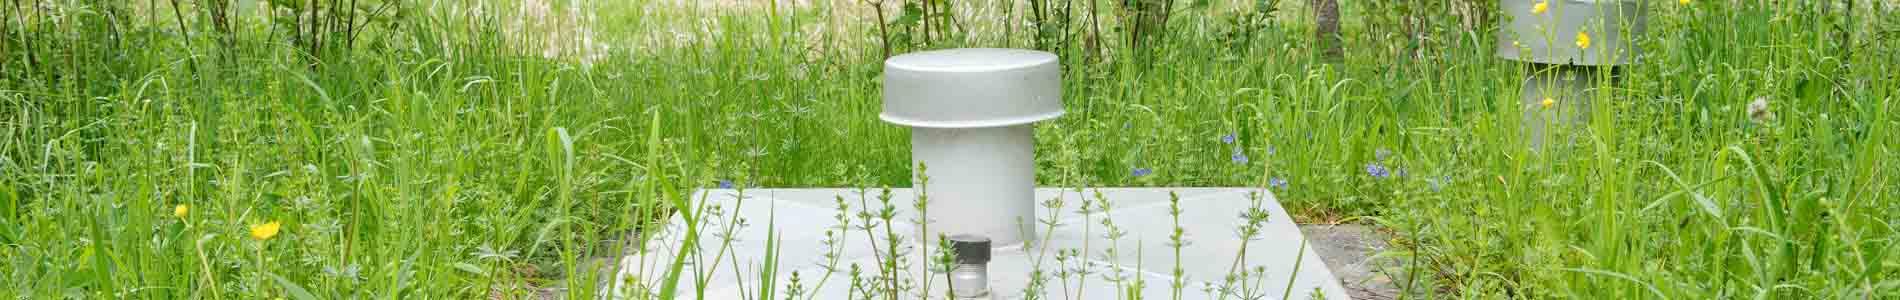 Brunnensteuerung